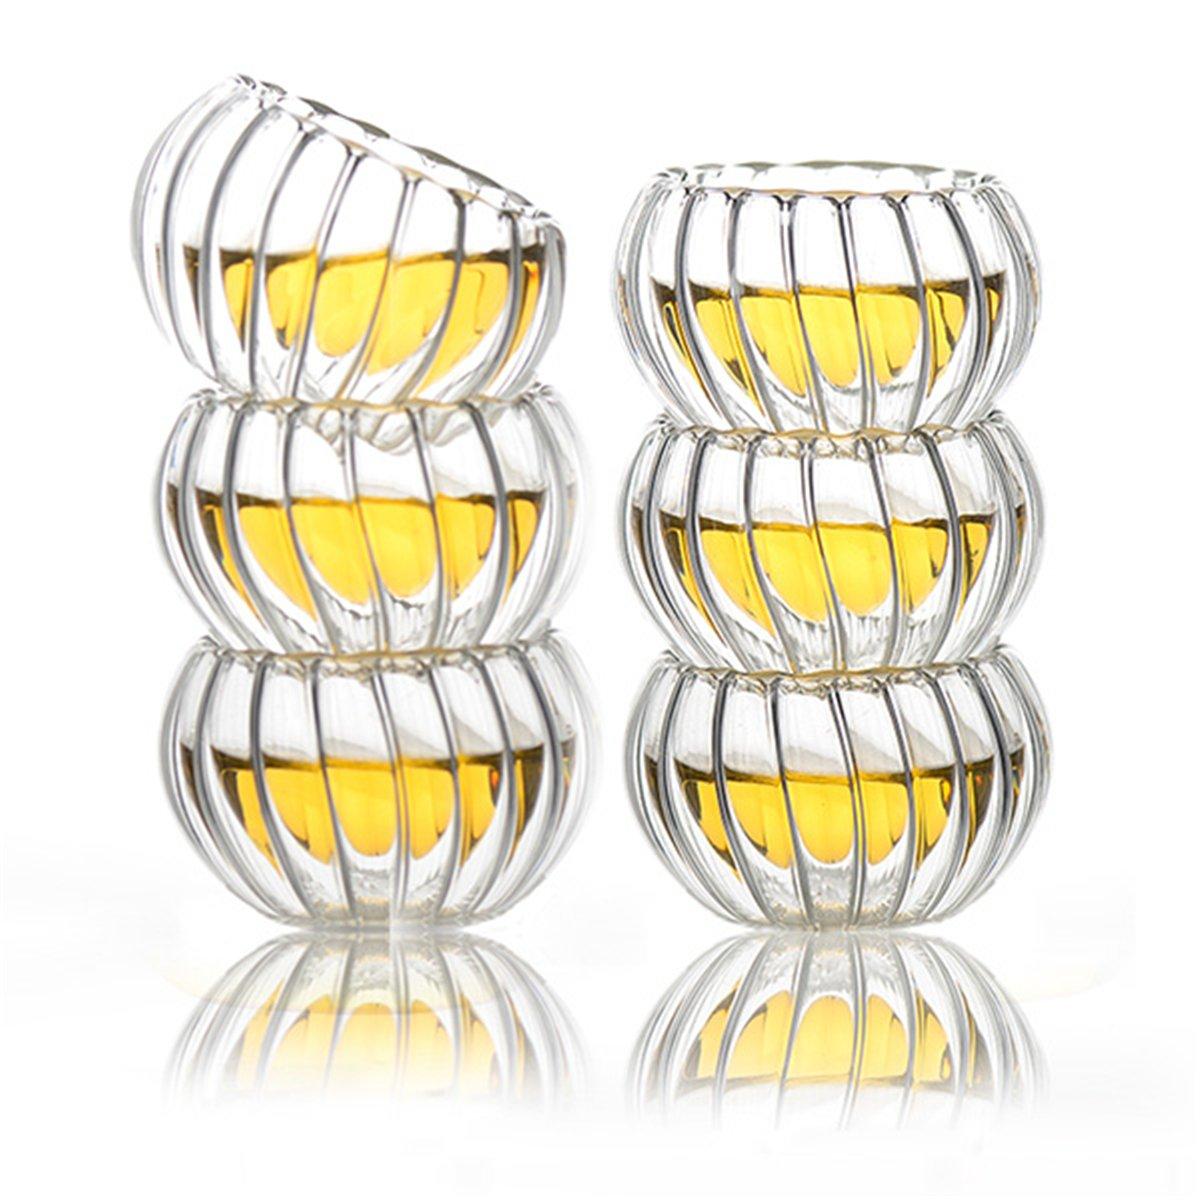 LYEJM 600ml 6 Cups Tealight Warmer Clear Pumpkin Tea Glass Pot Set Infuser Coffee Pot LYEJM by LYEJM (Image #3)